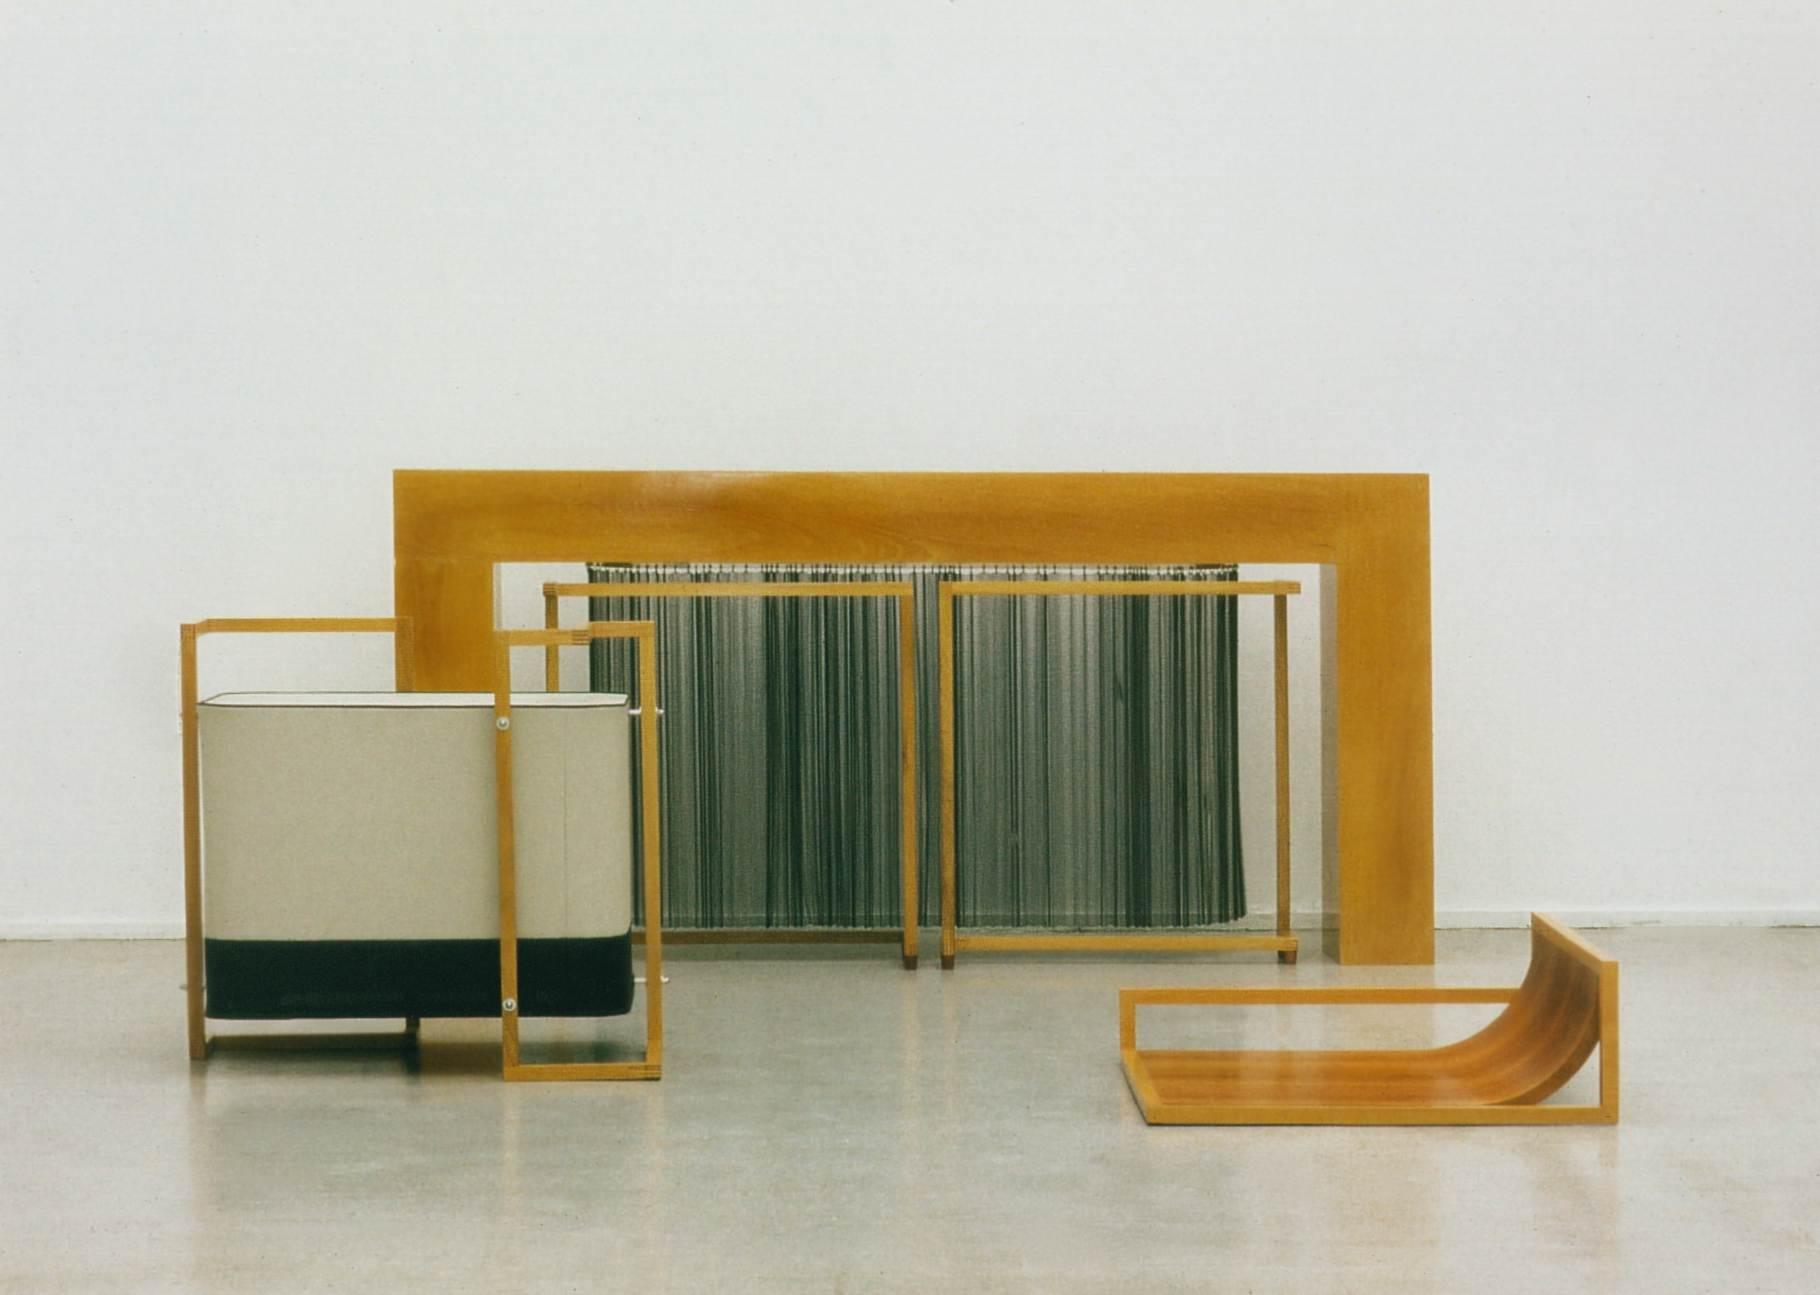 cmu-1993-95-opklapbed-stoel-wieg